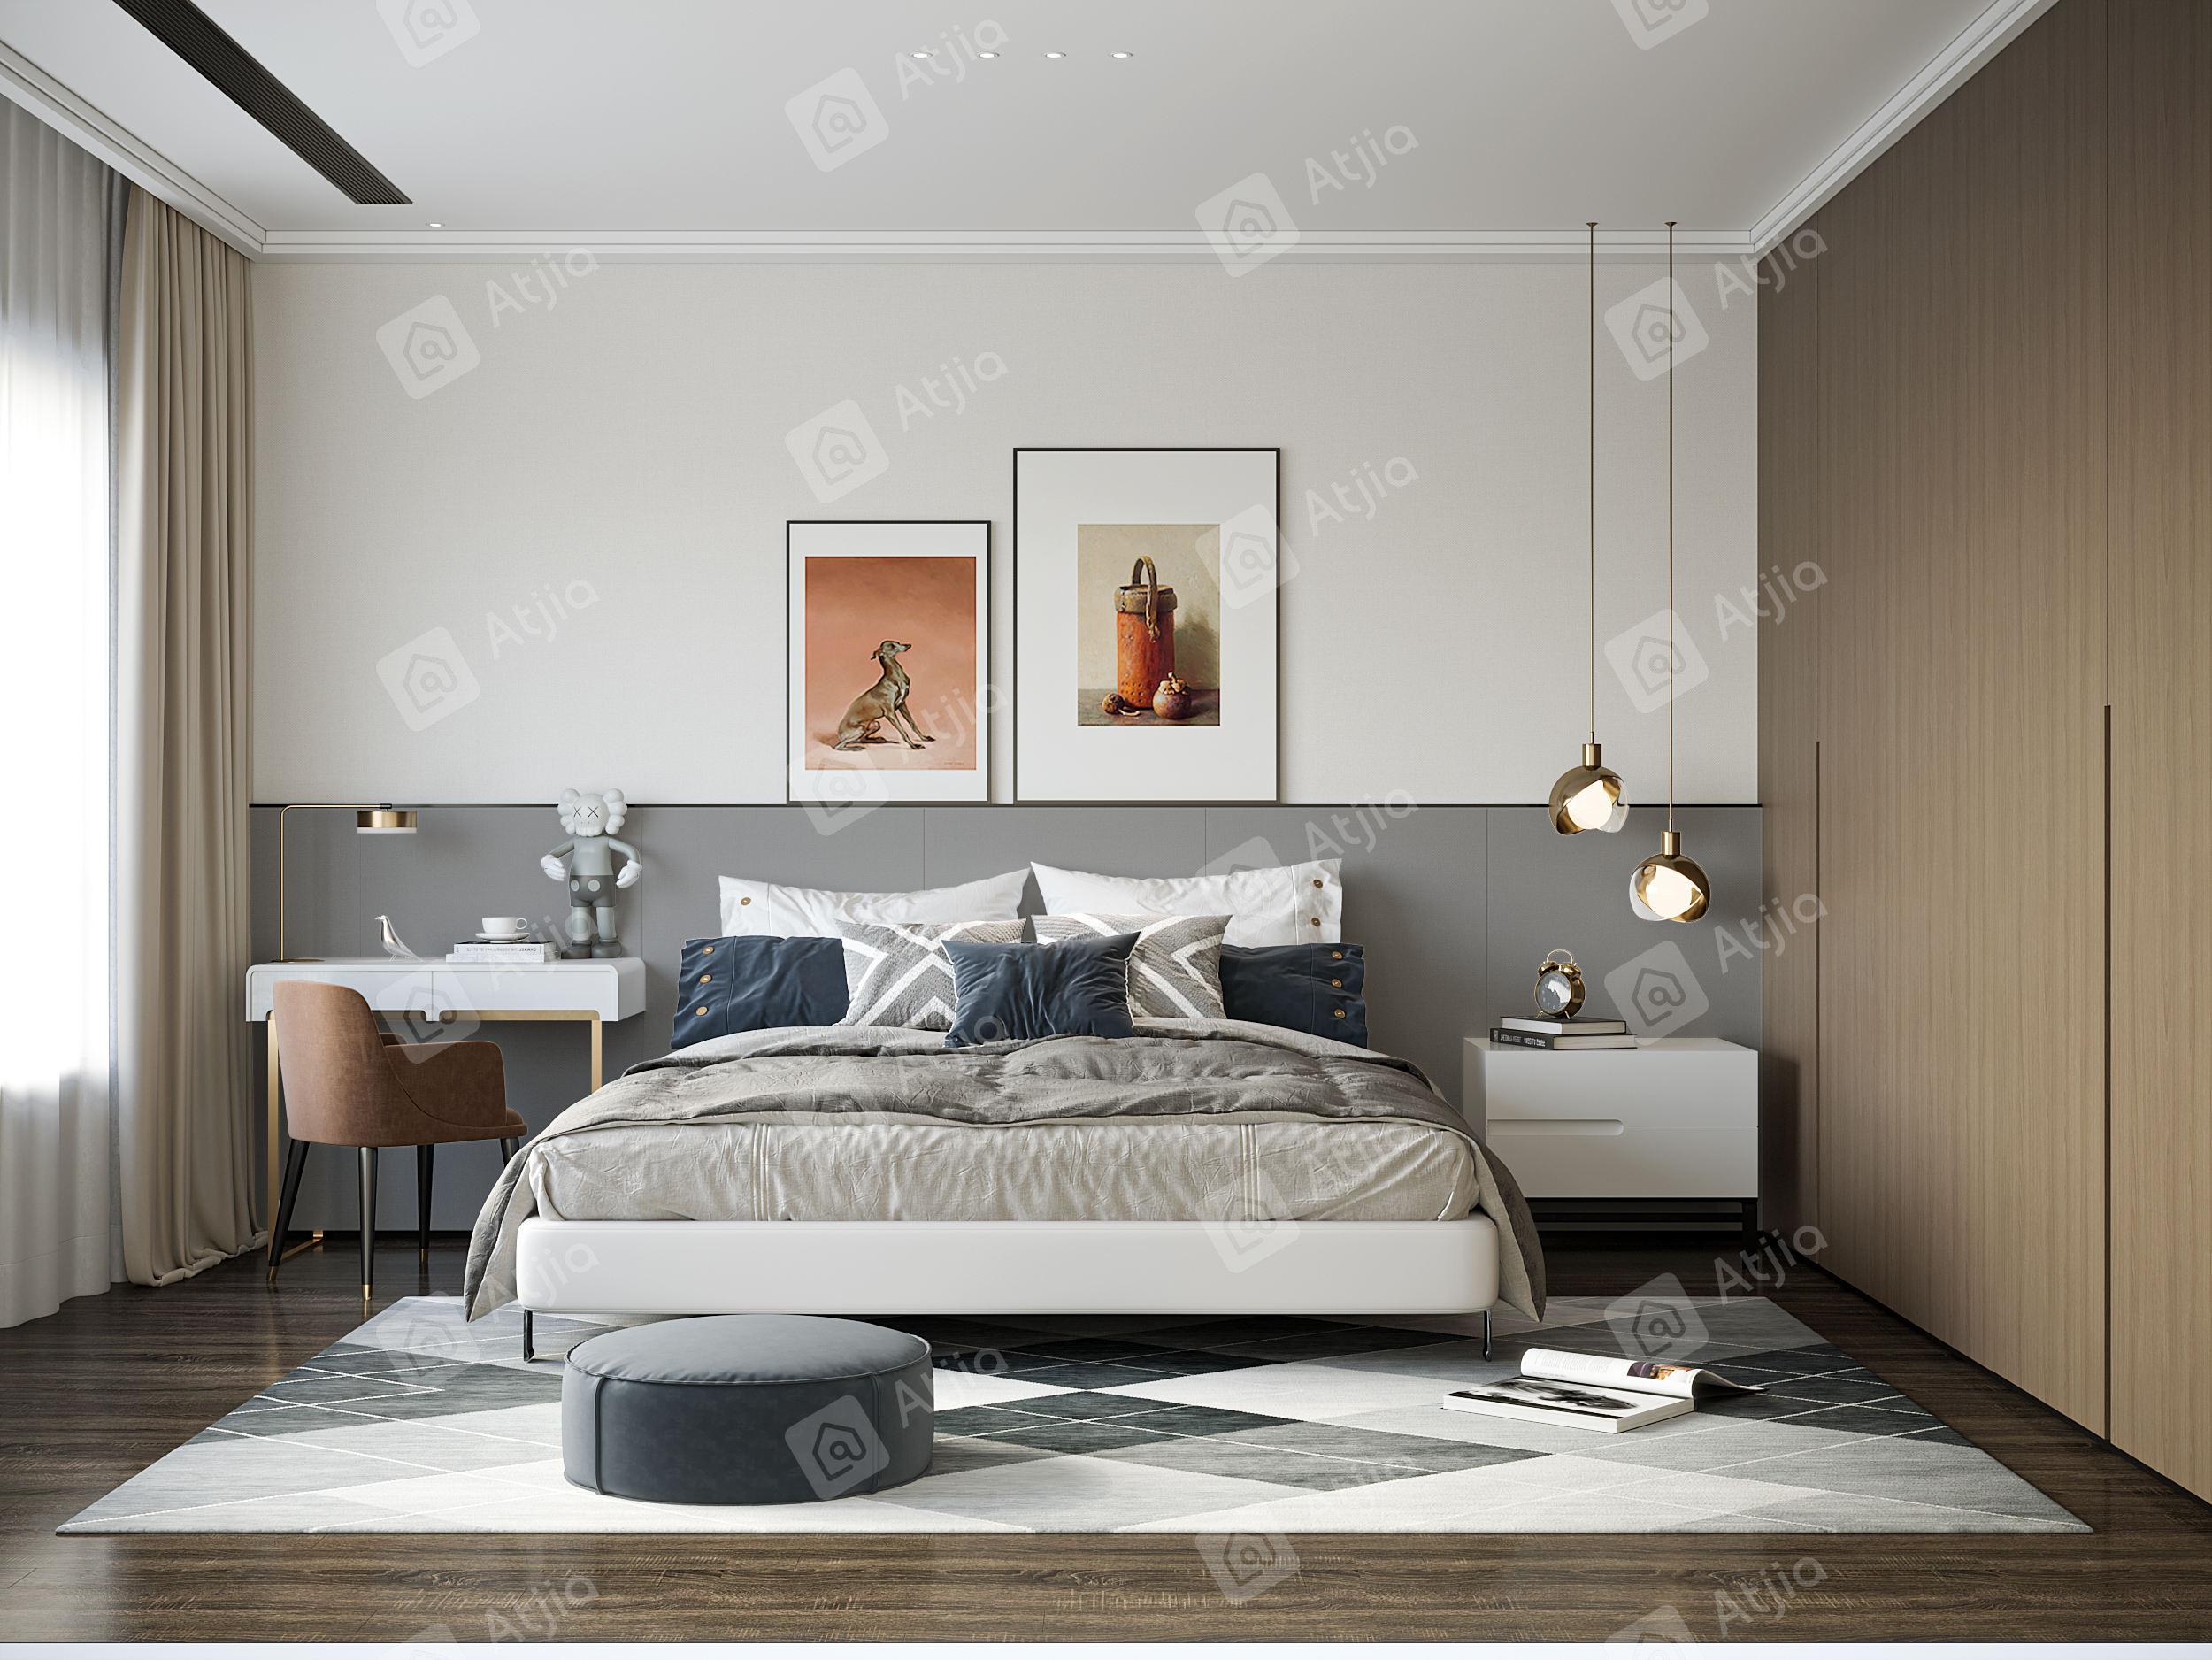 王丹艇  银亿朗境  现代轻奢装修卧室效果图